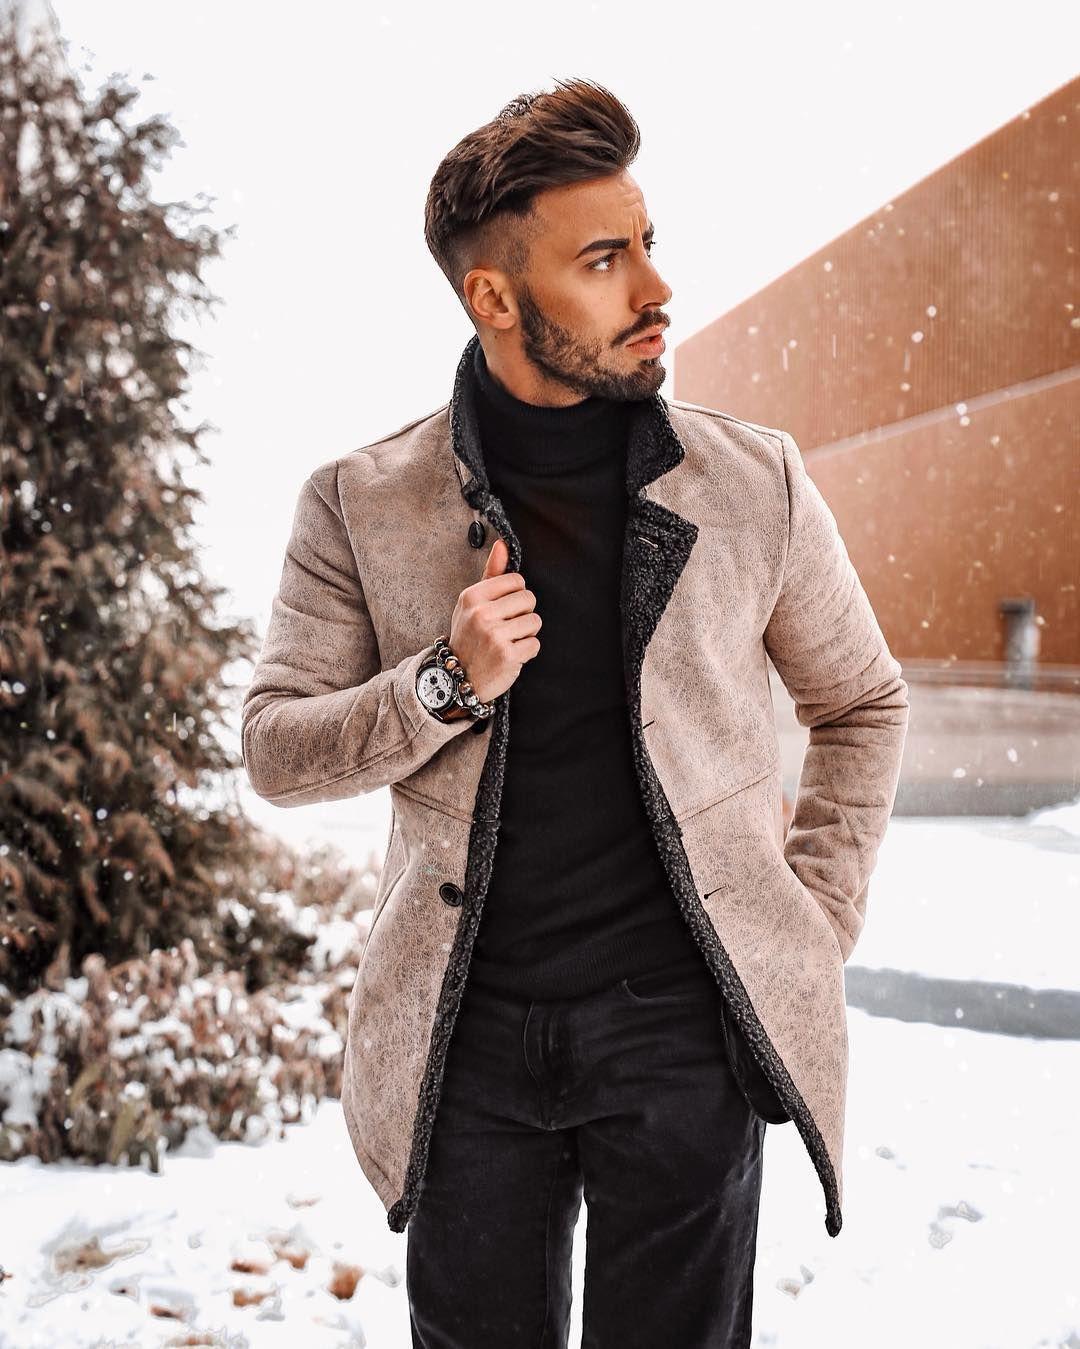 923932f5fe Follow @nicholas_dallangelo instagram | the fit nel 2019 | Uomini